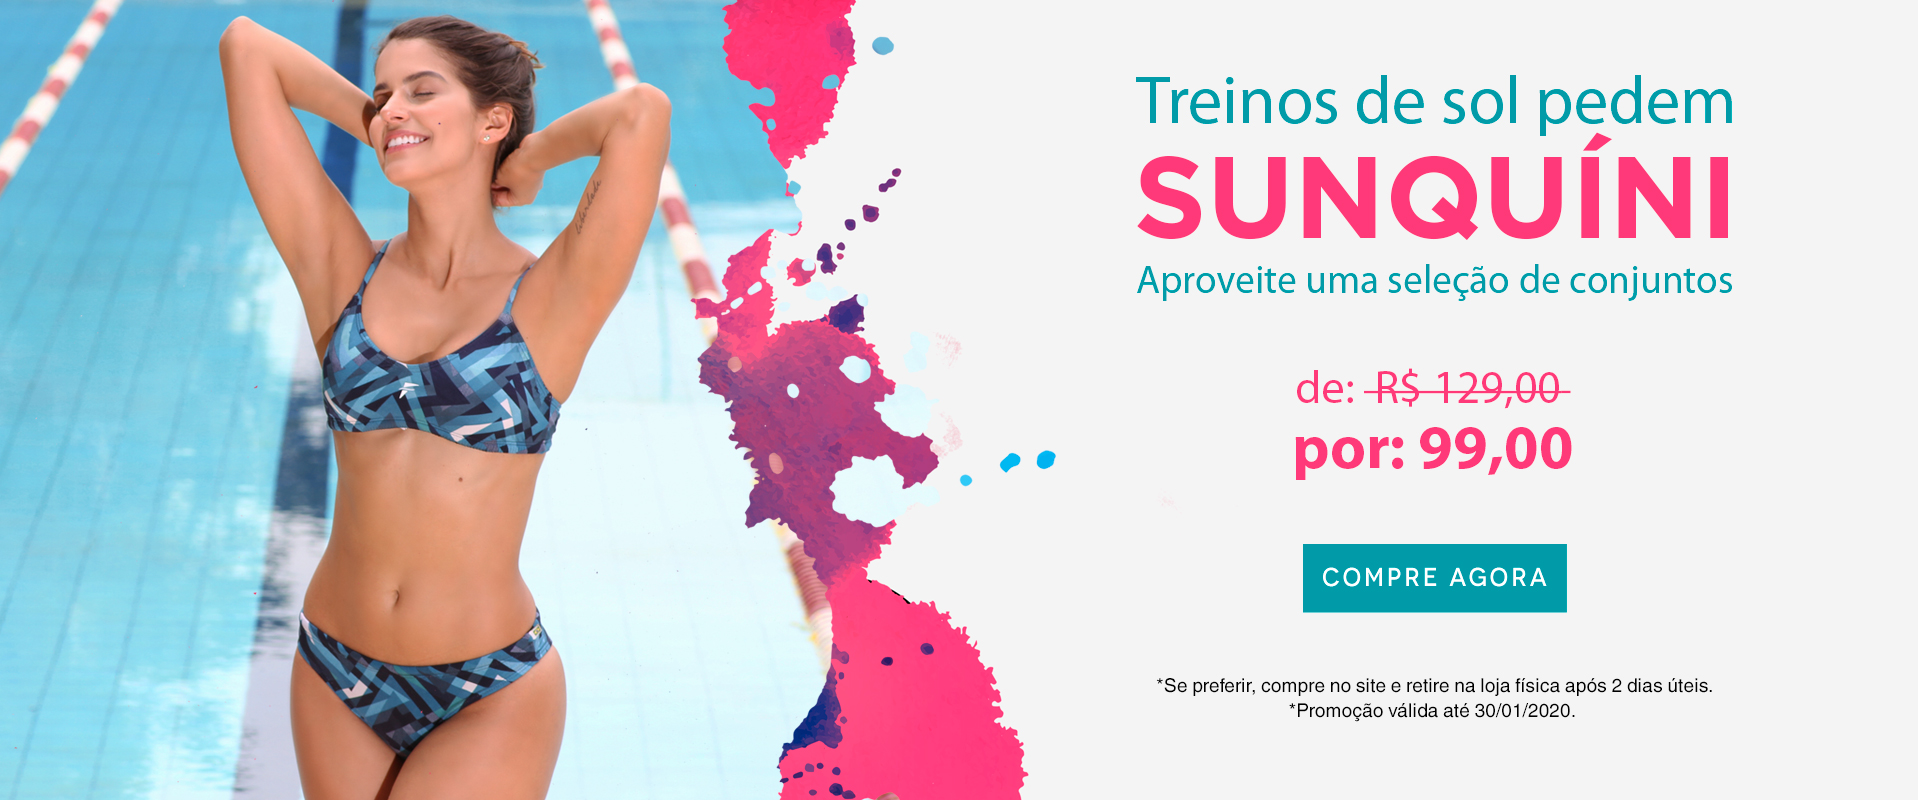 Promo - Sunquini